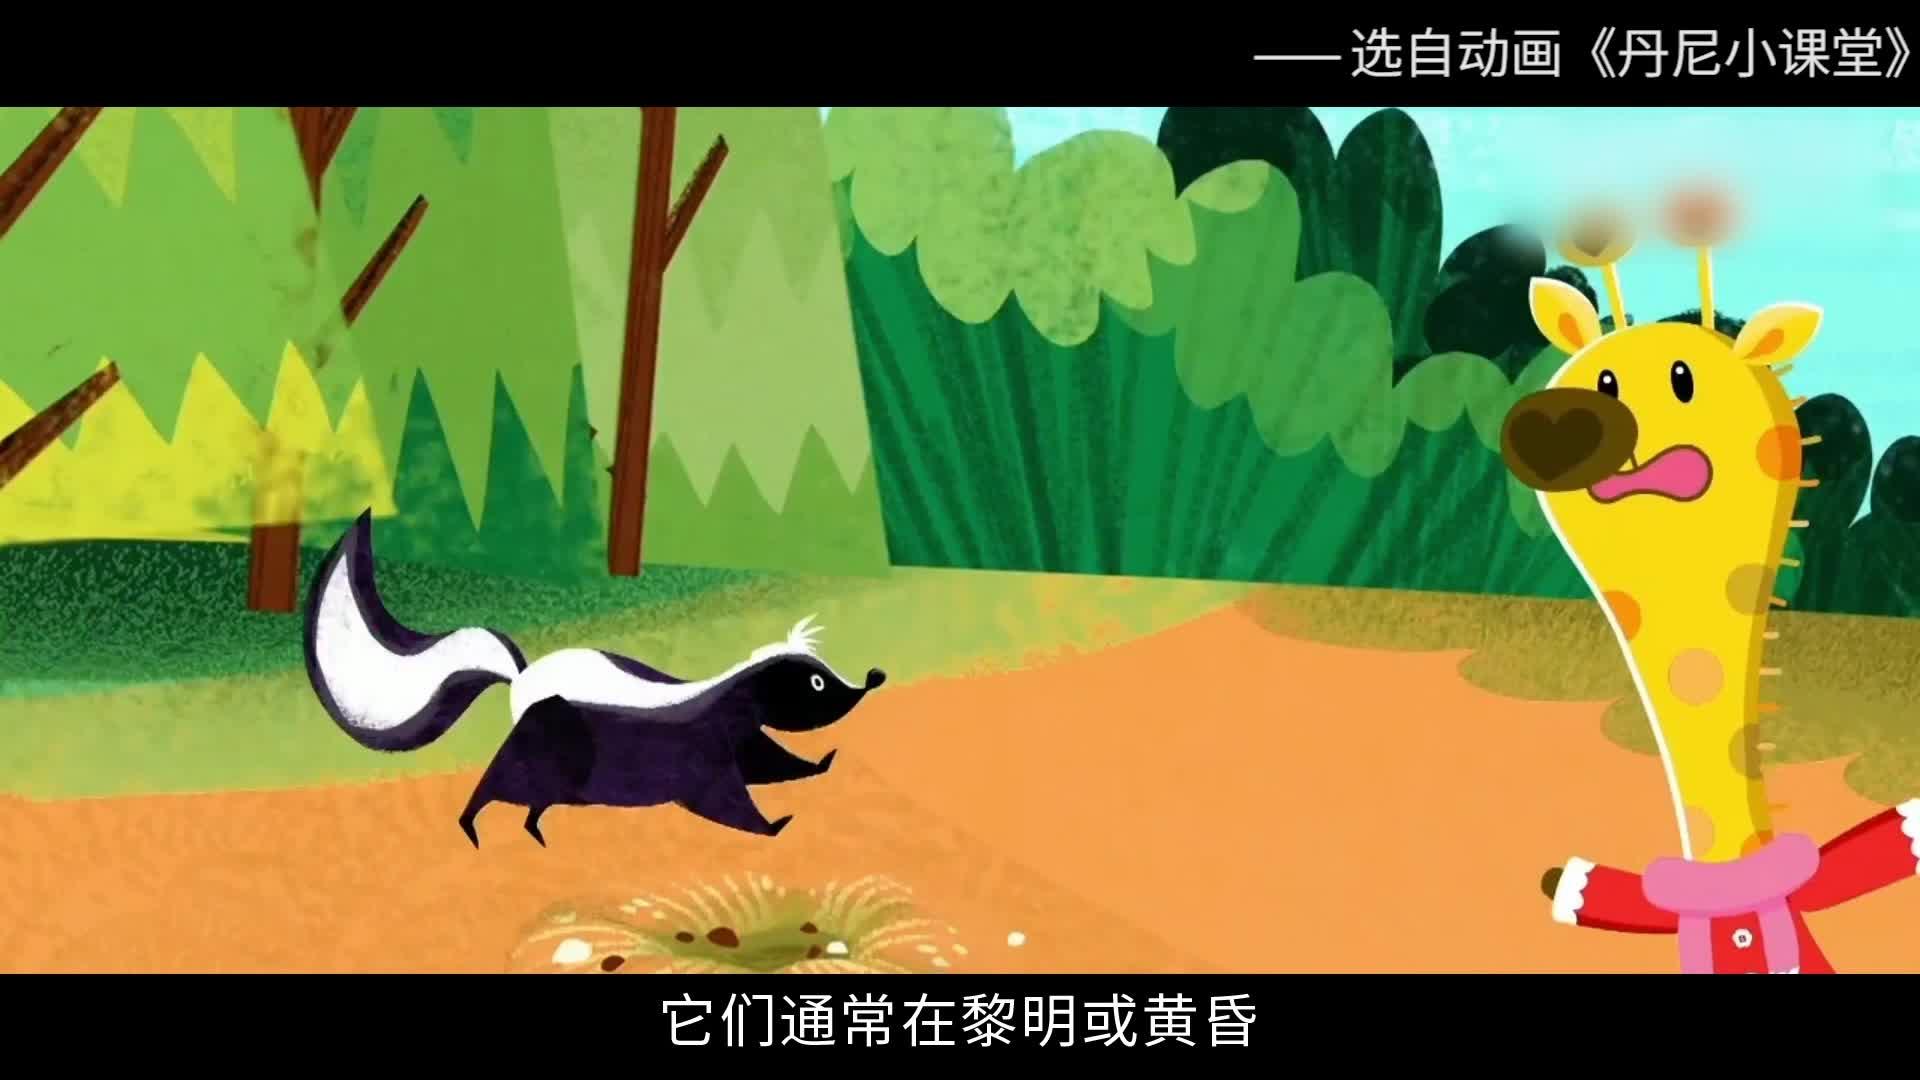 《科学嘻游记》 第82集 哺乳动物适应环境的方式有哪些